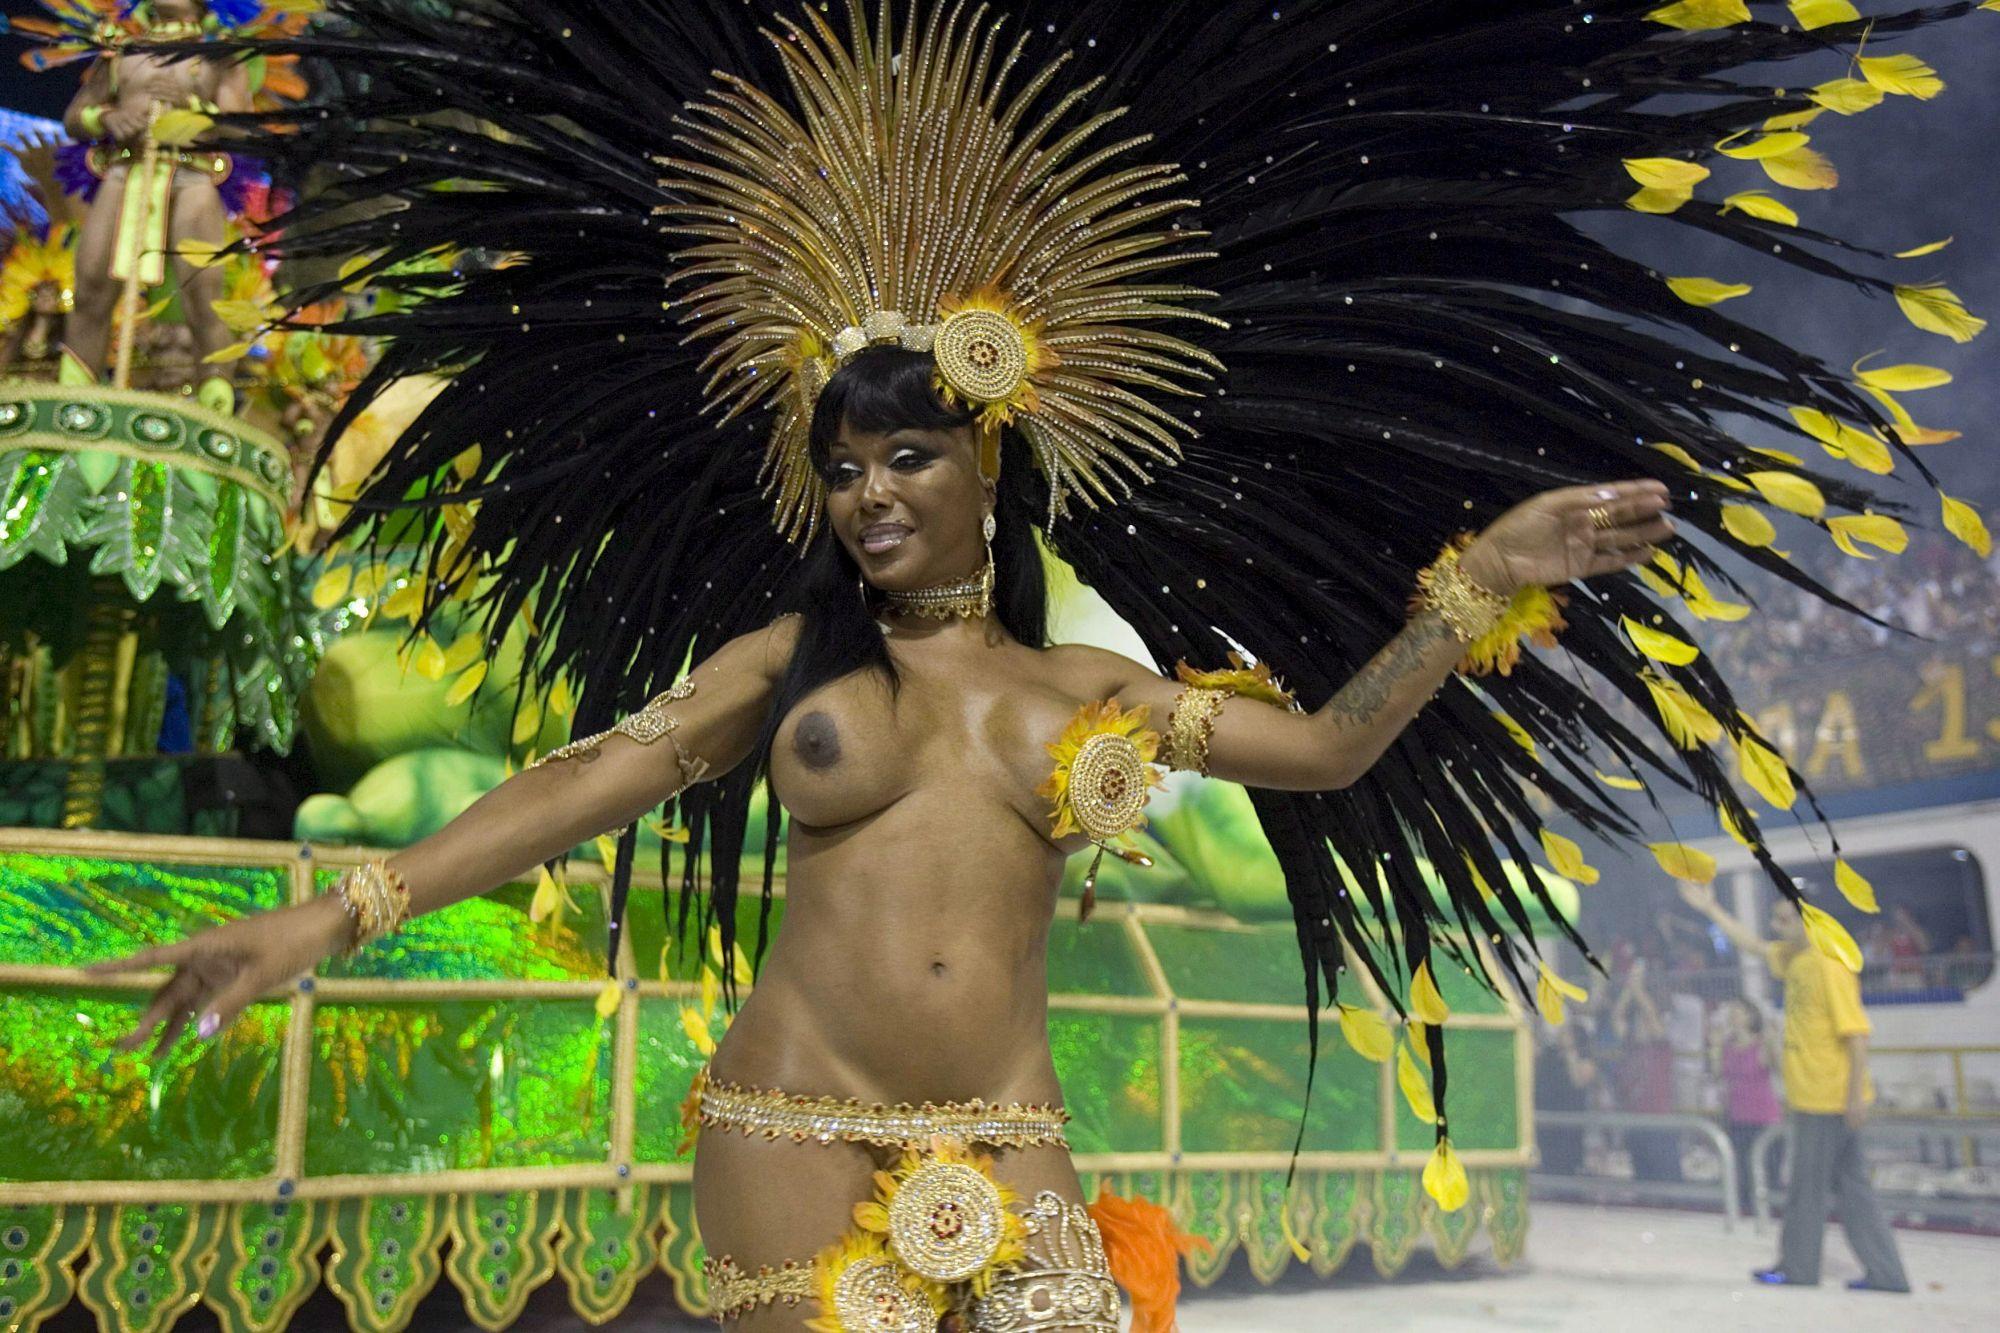 Порно видео карнавал в рио де жанейро найти